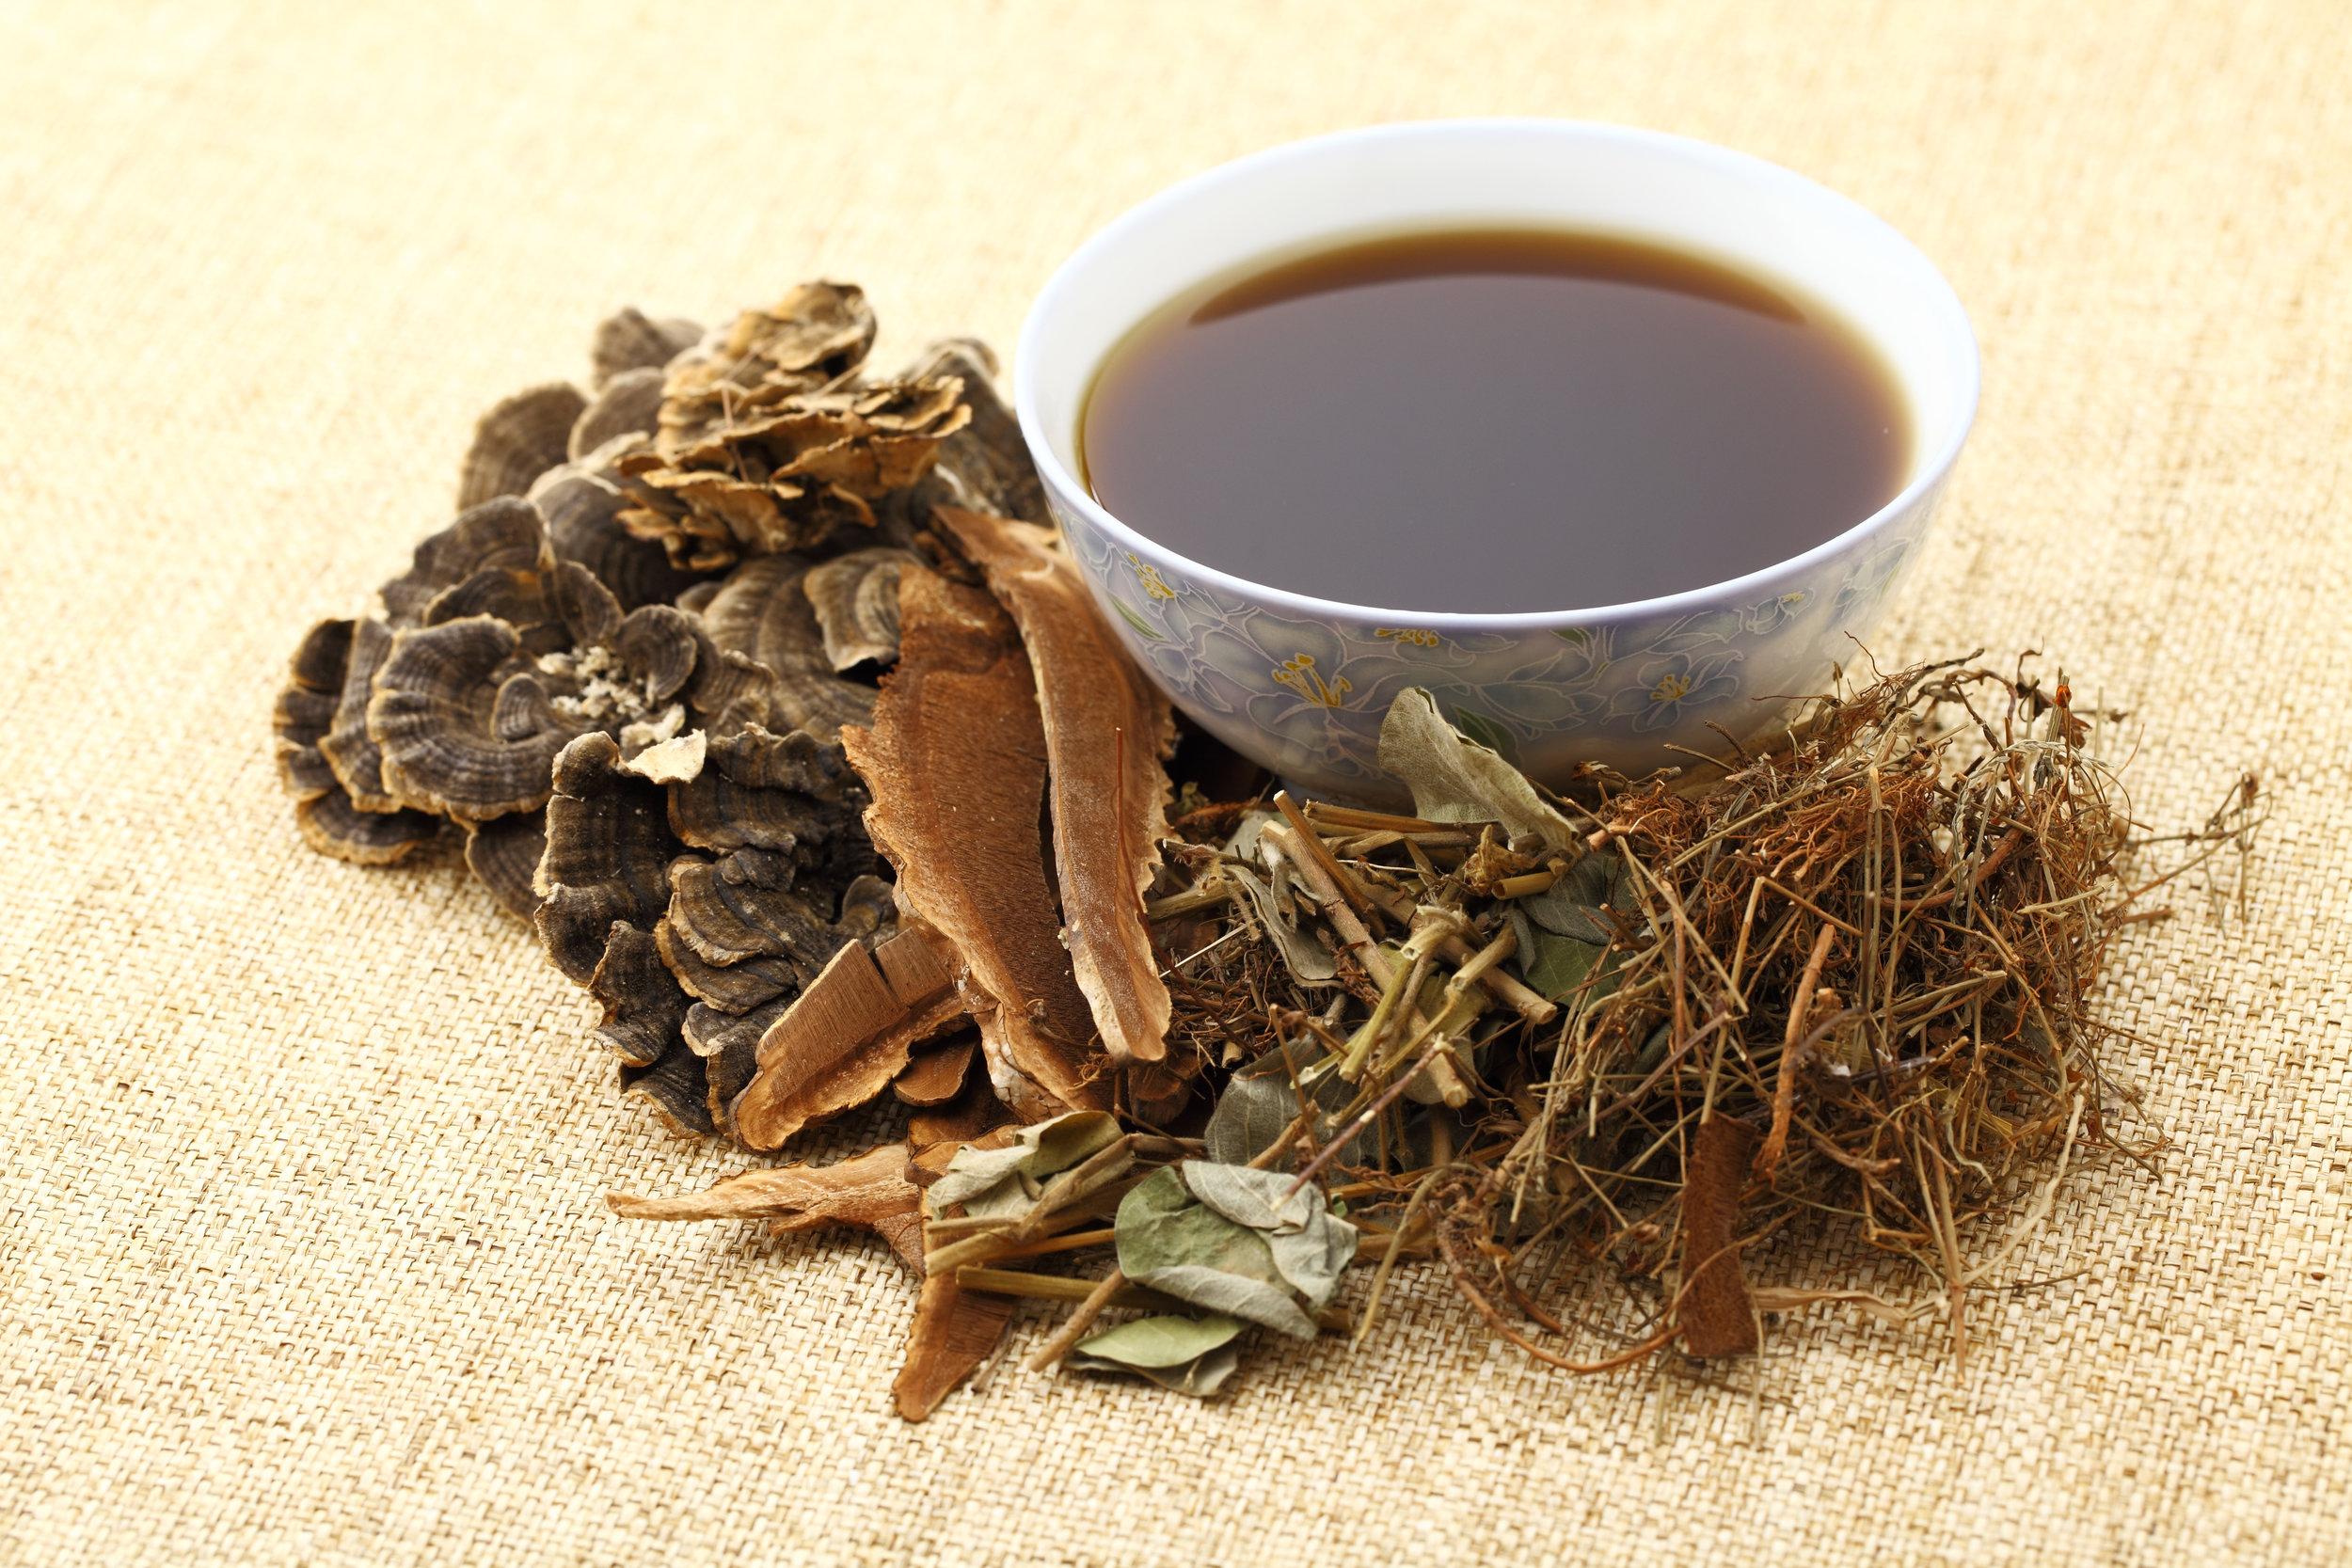 shutterstock herbs and tea.jpg